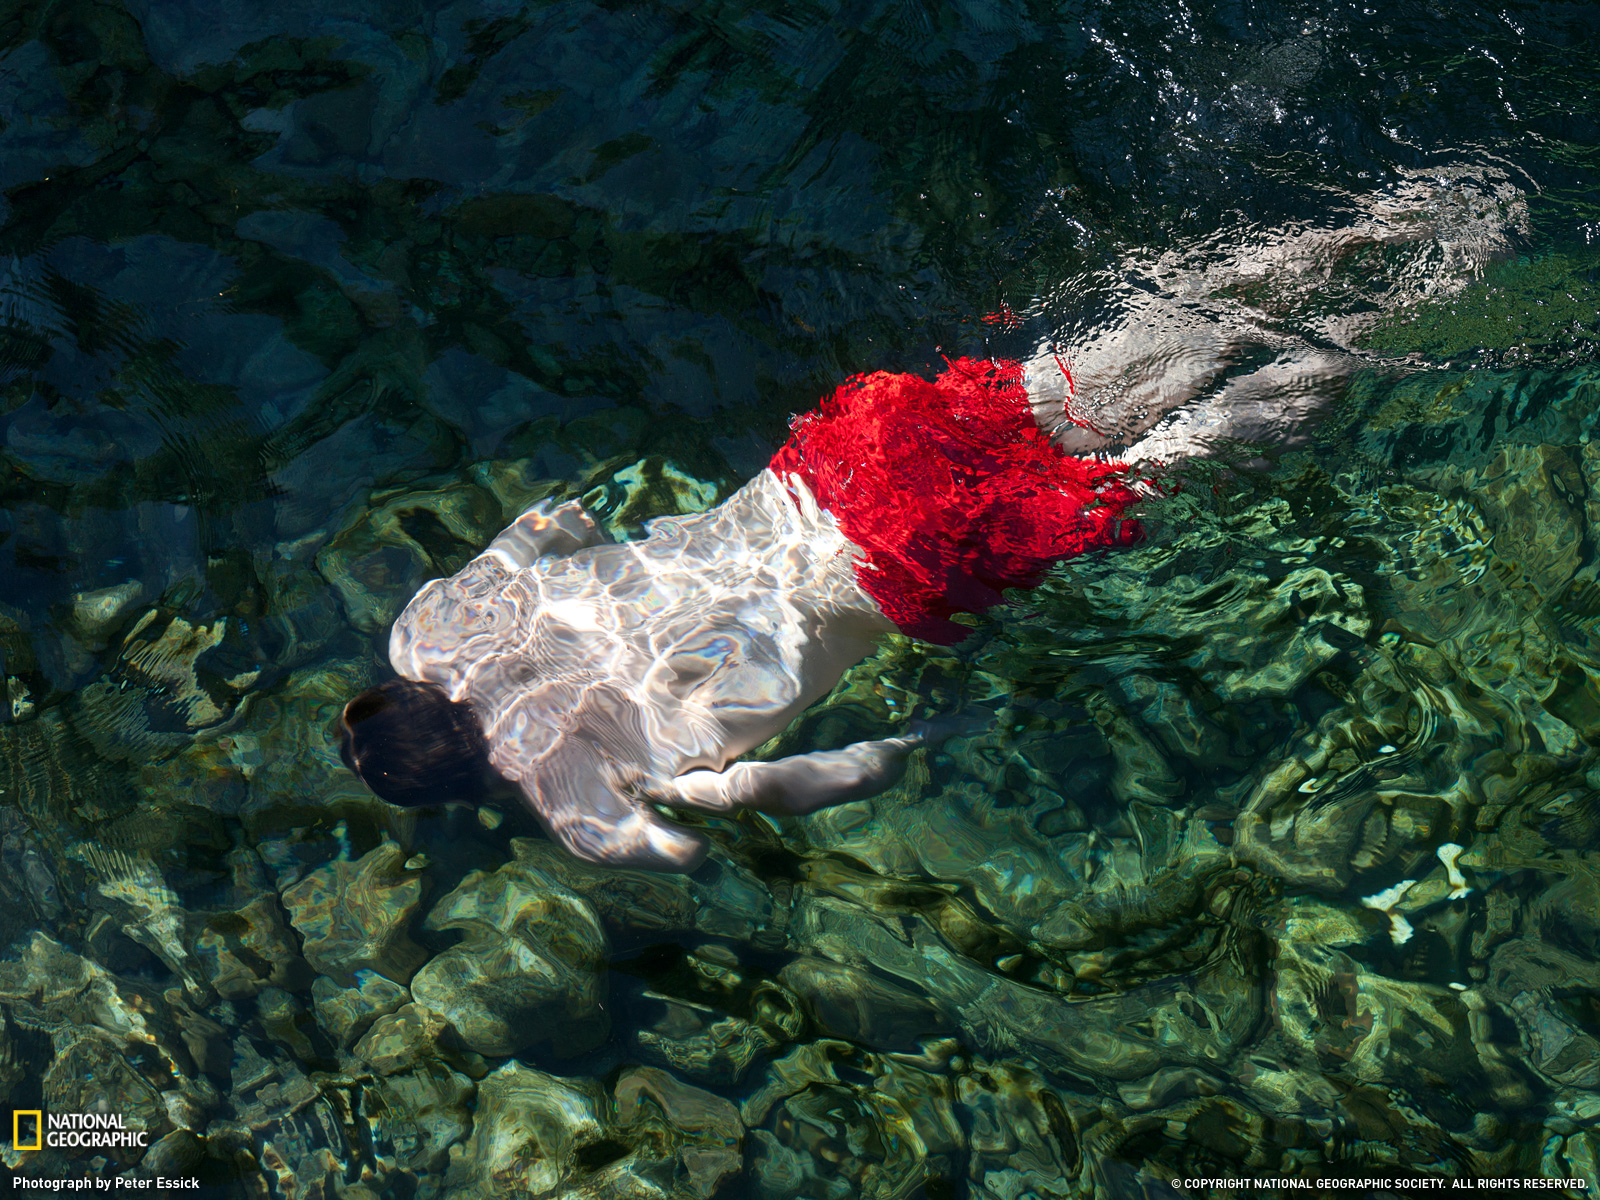 http://1.bp.blogspot.com/-MAxh8ZIUepU/Tpj7LR4ODlI/AAAAAAAABT8/lpG4j5dZZOE/s1600/Swimmer%252C+Portugal.jpg